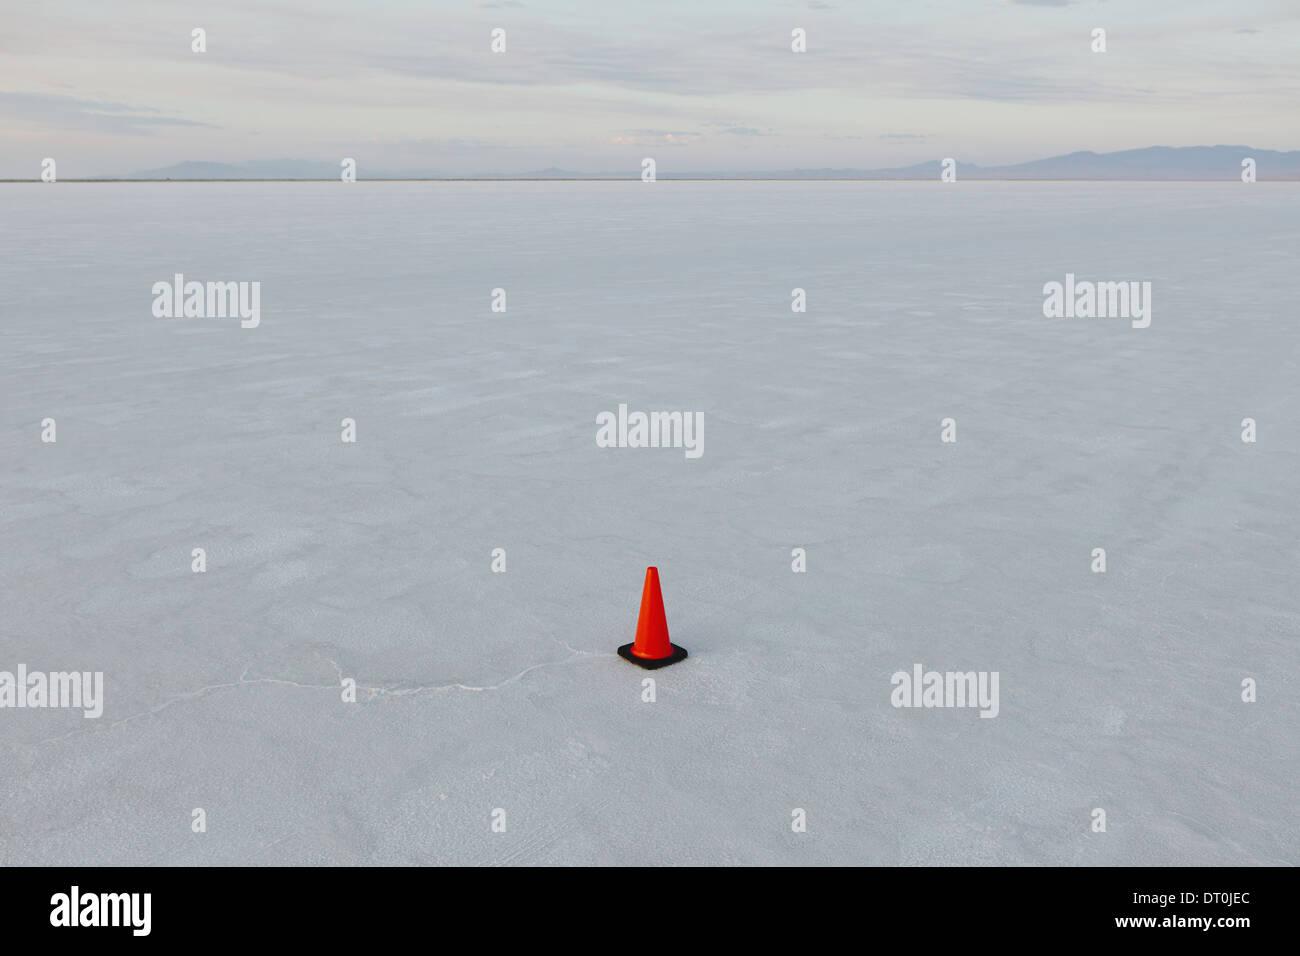 Bonneville Salt Flats en Utah USA seul cône de circulation pour les véhicules de gabarit de sel Photo Stock